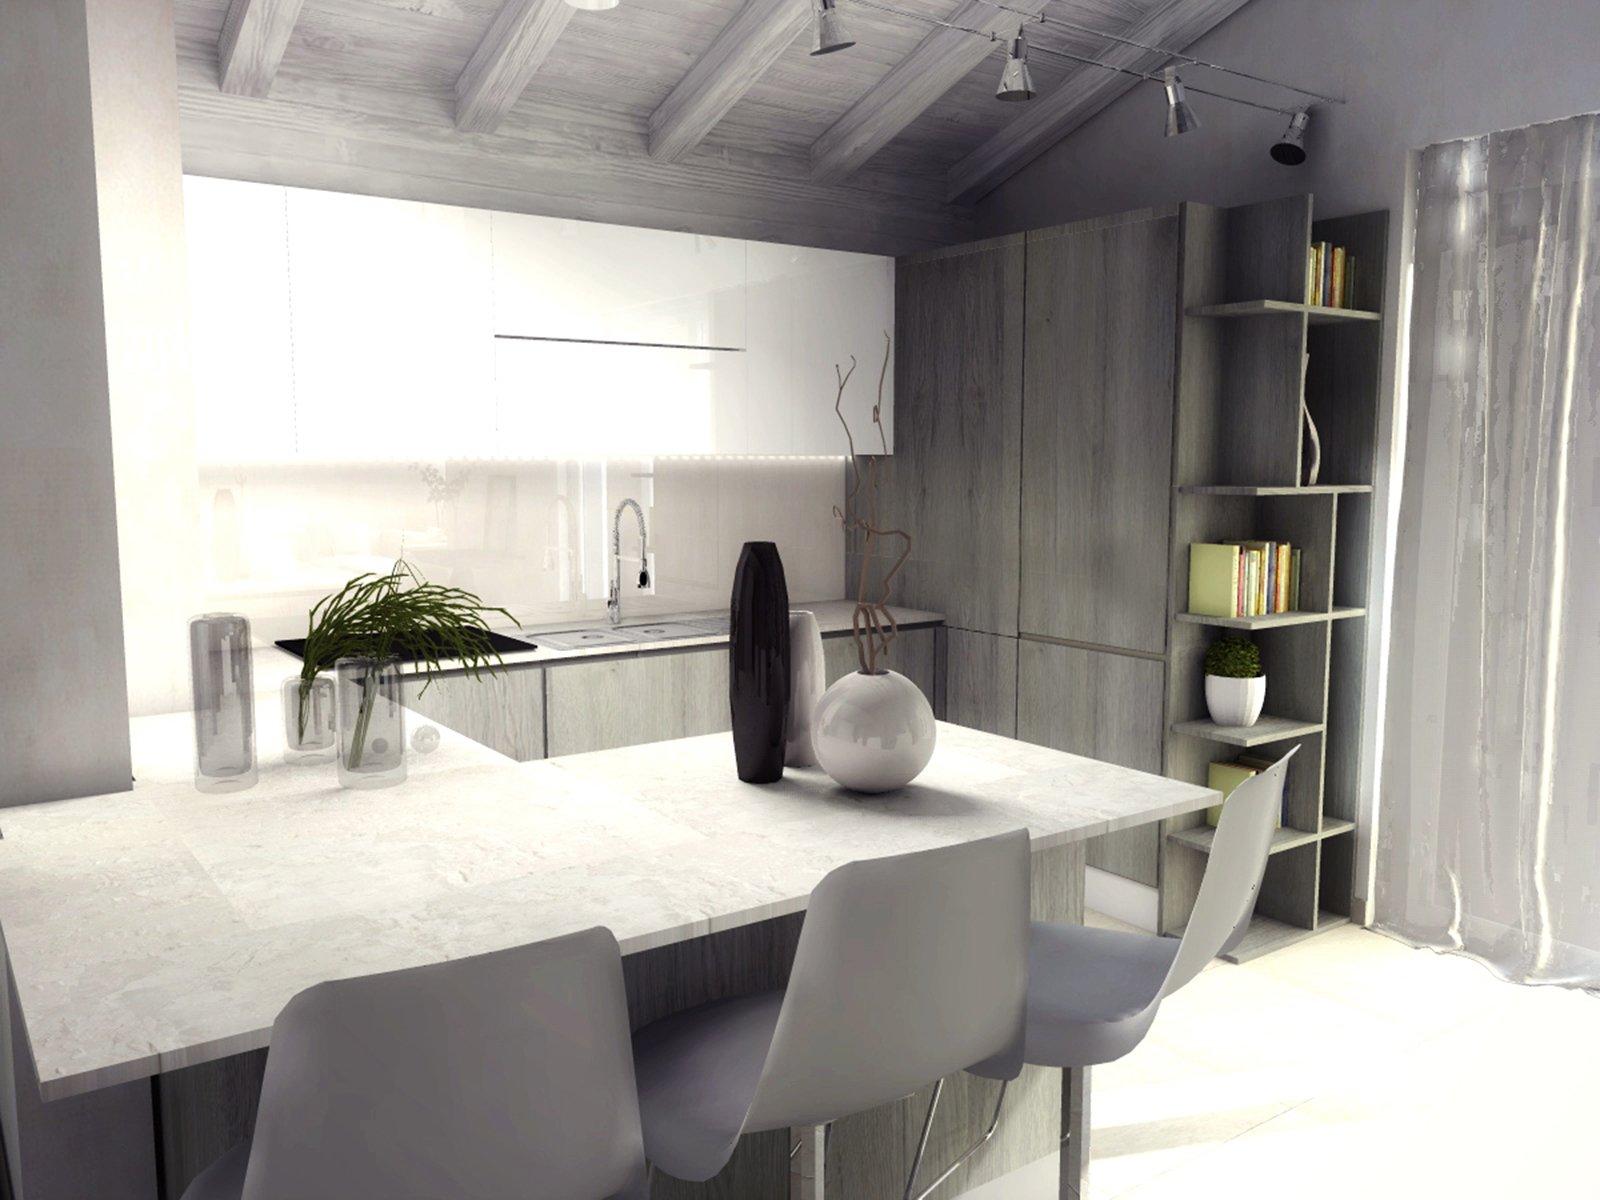 Cucina X Mansarda | Cucina In Muratura 70 Idee Per Cucine Moderne ...